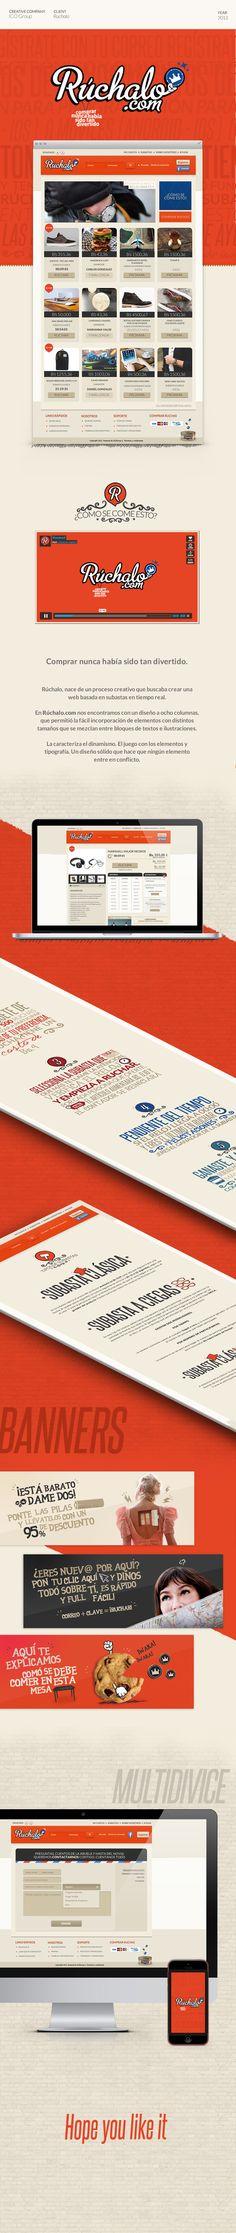 Diseño Web para Rúchalo.